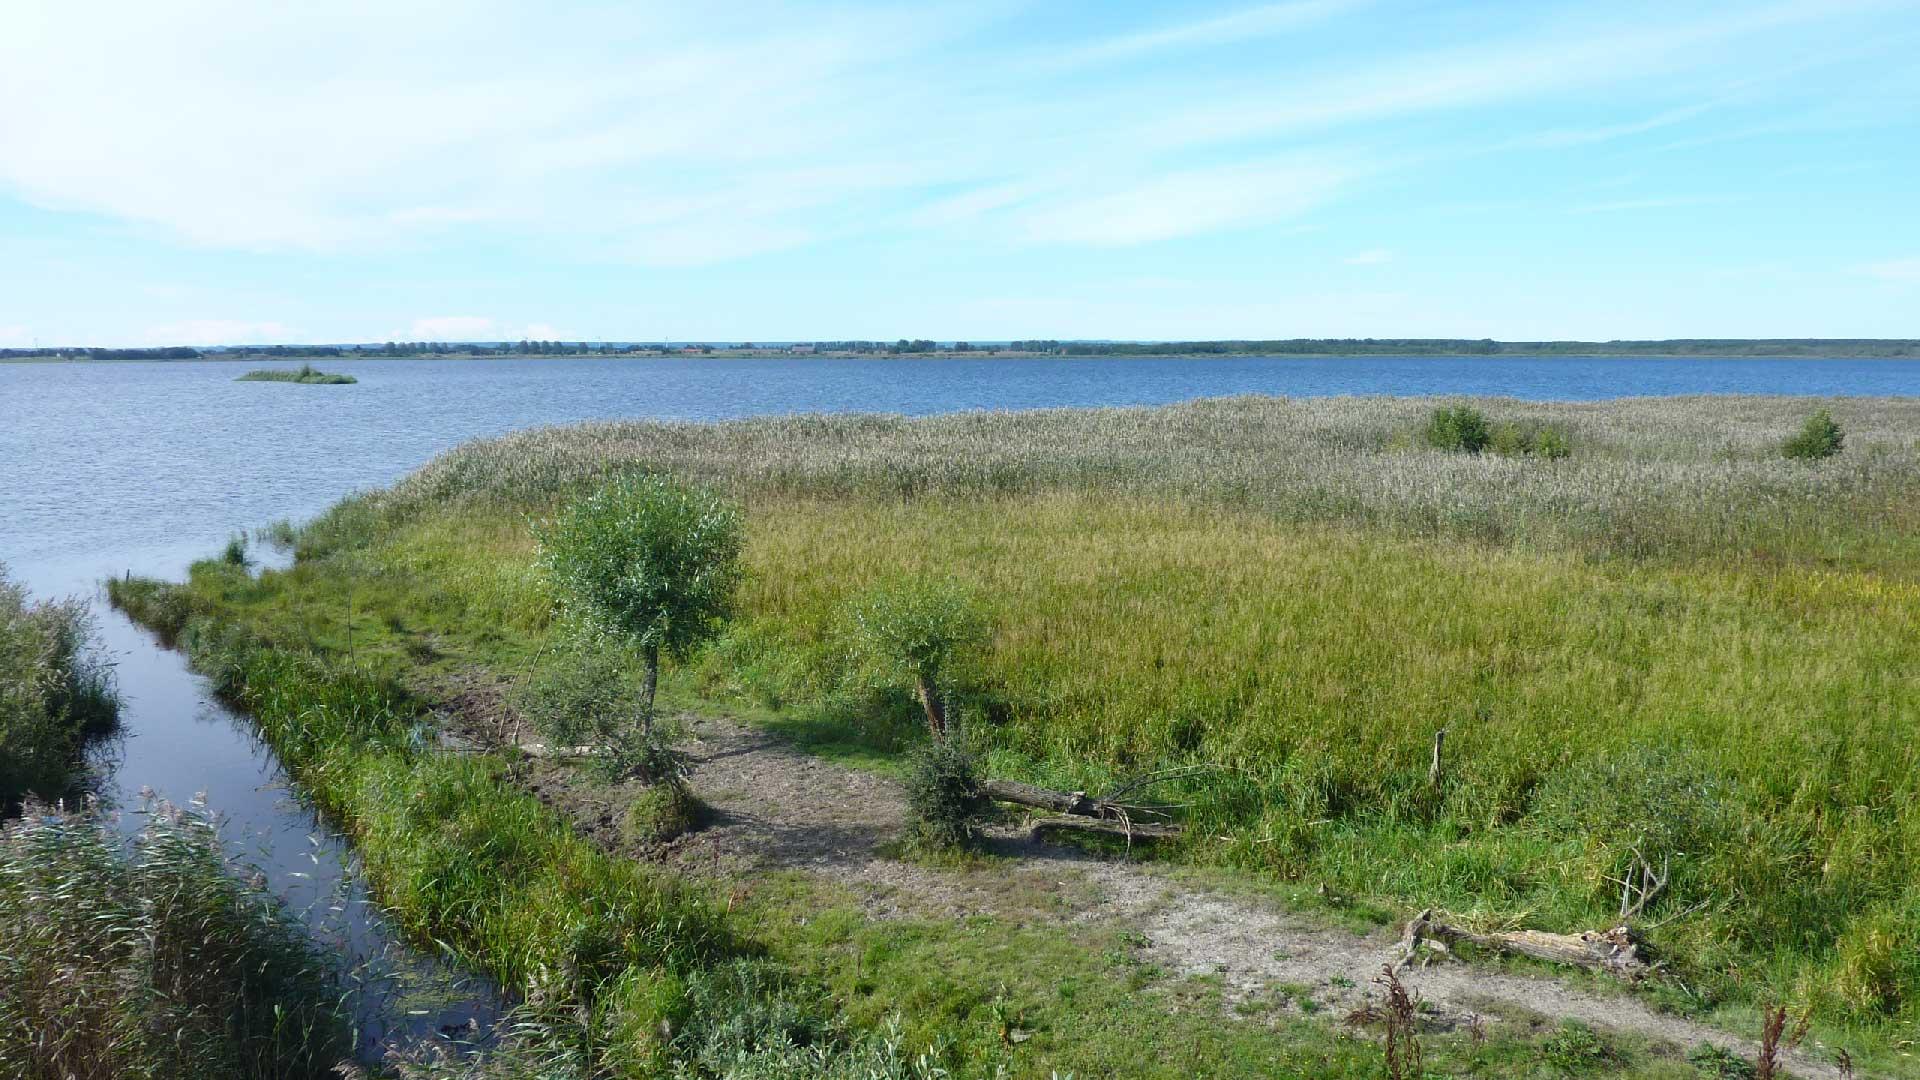 Hammarsjön sedd från Håslövs ängar. Foto: Sven-Erik Magnusson